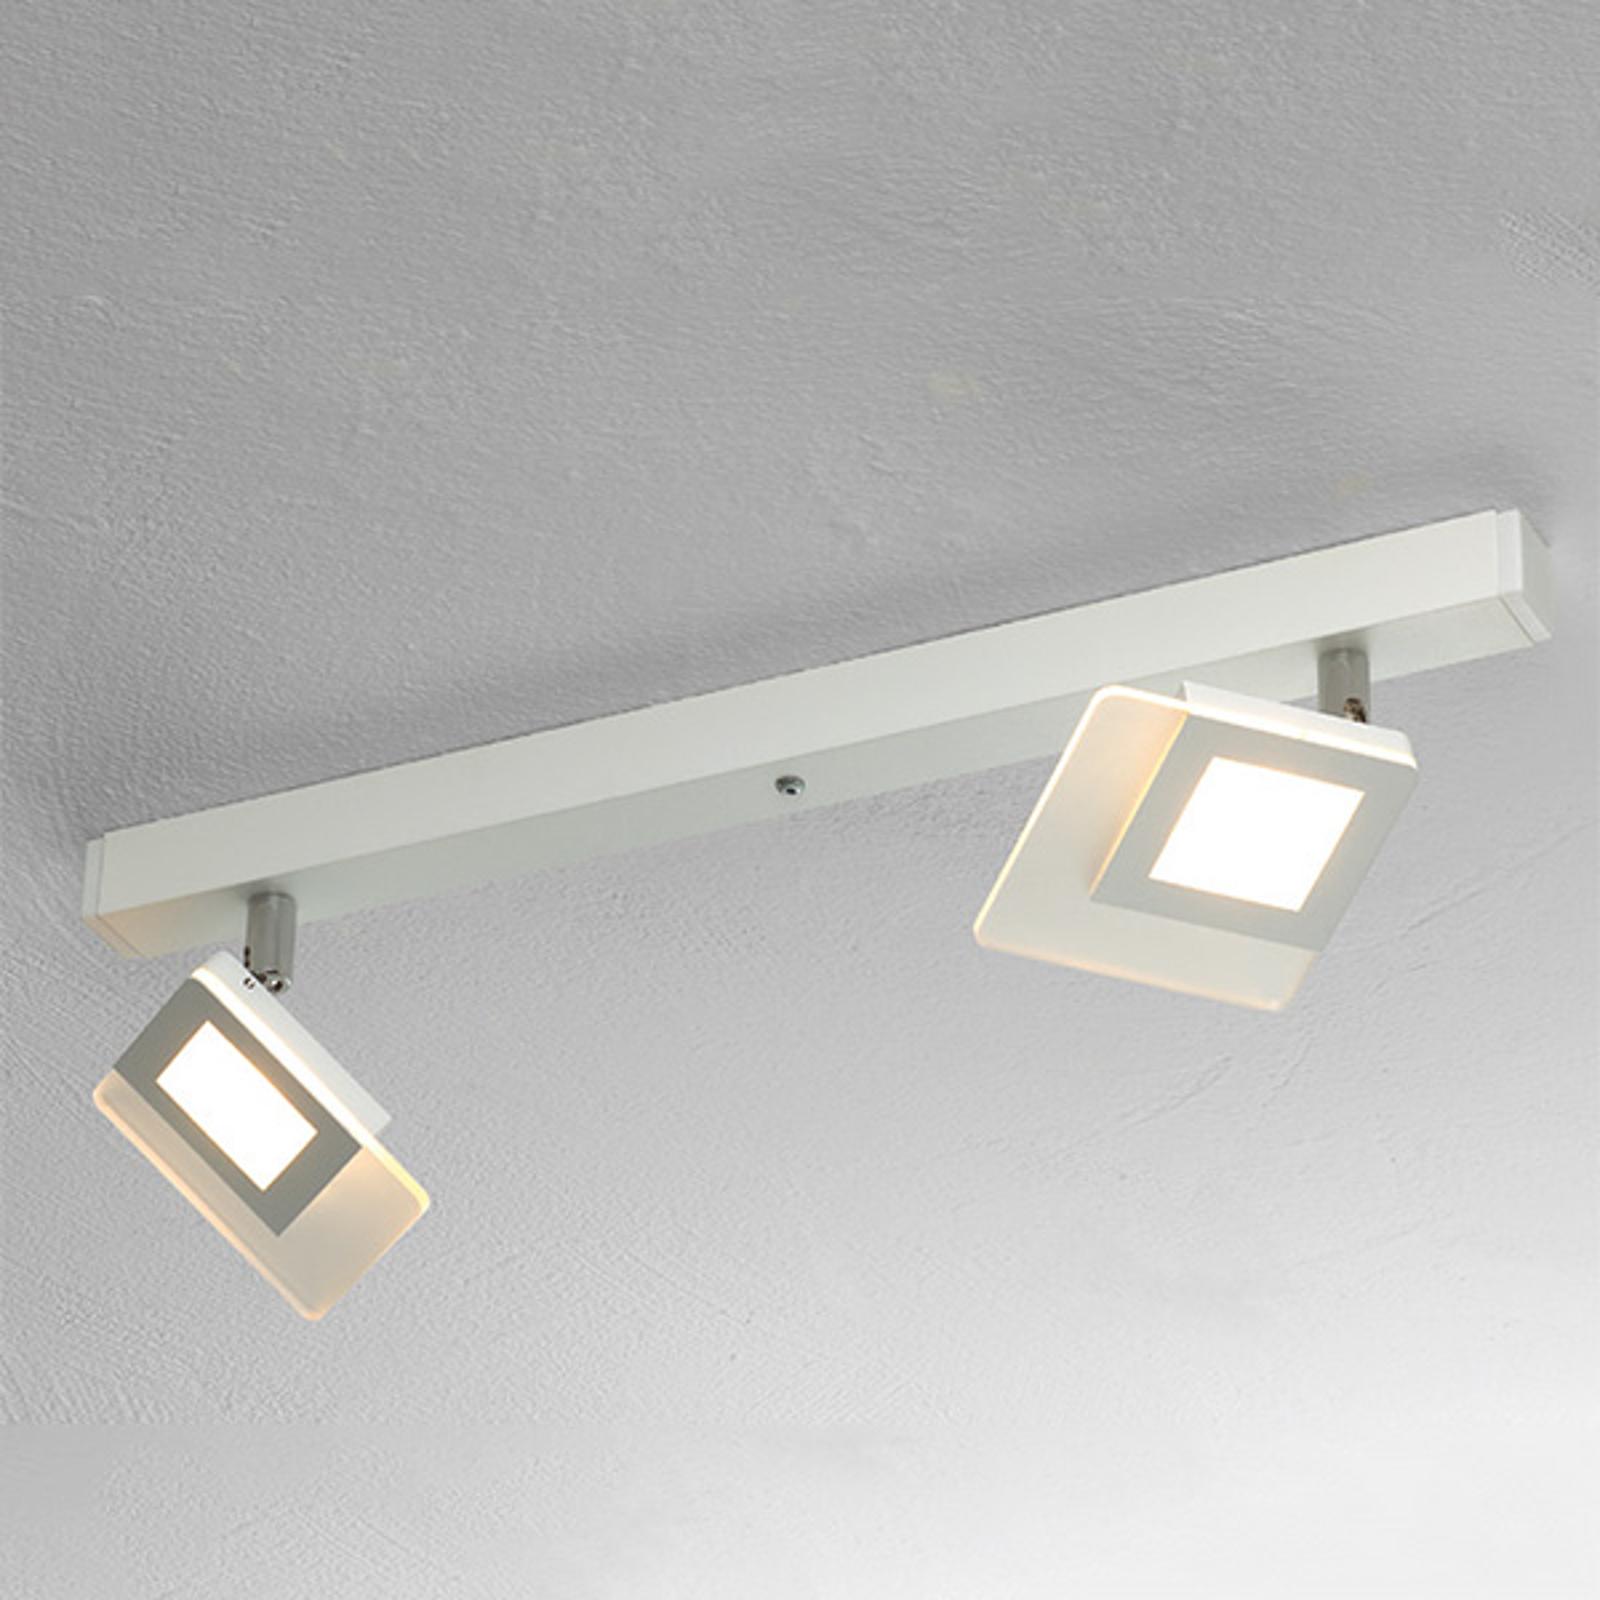 Bopp LED-Deckenleuchte Line, weiß